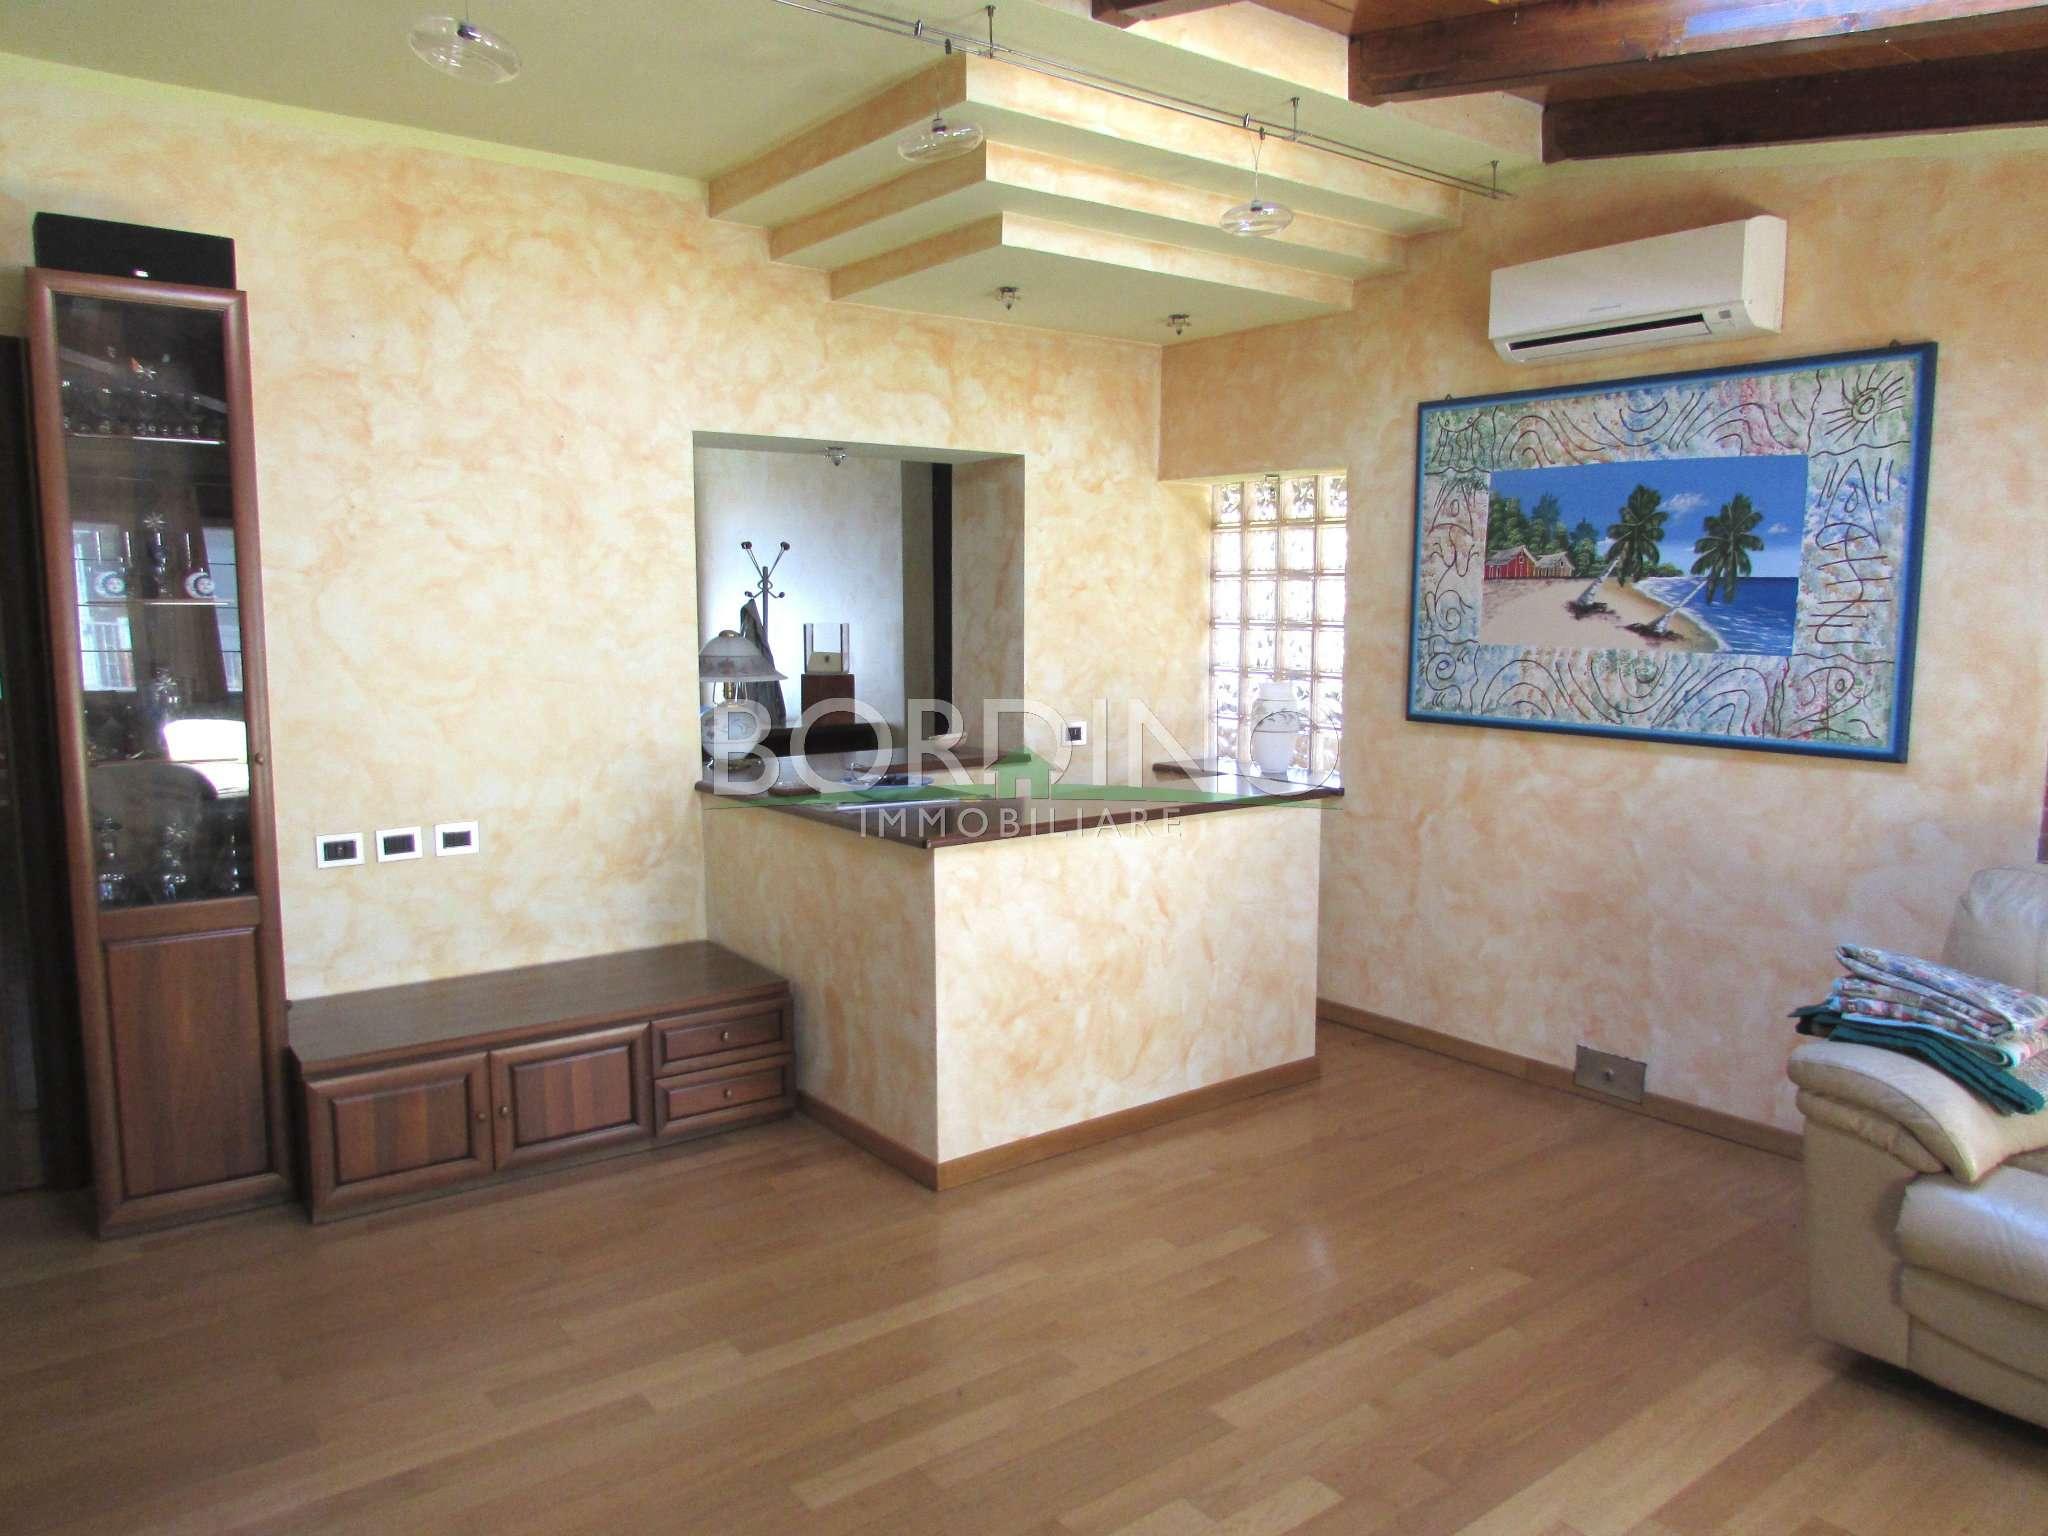 Soluzione Semindipendente in vendita a San Martino Alfieri, 6 locali, prezzo € 170.000 | Cambio Casa.it